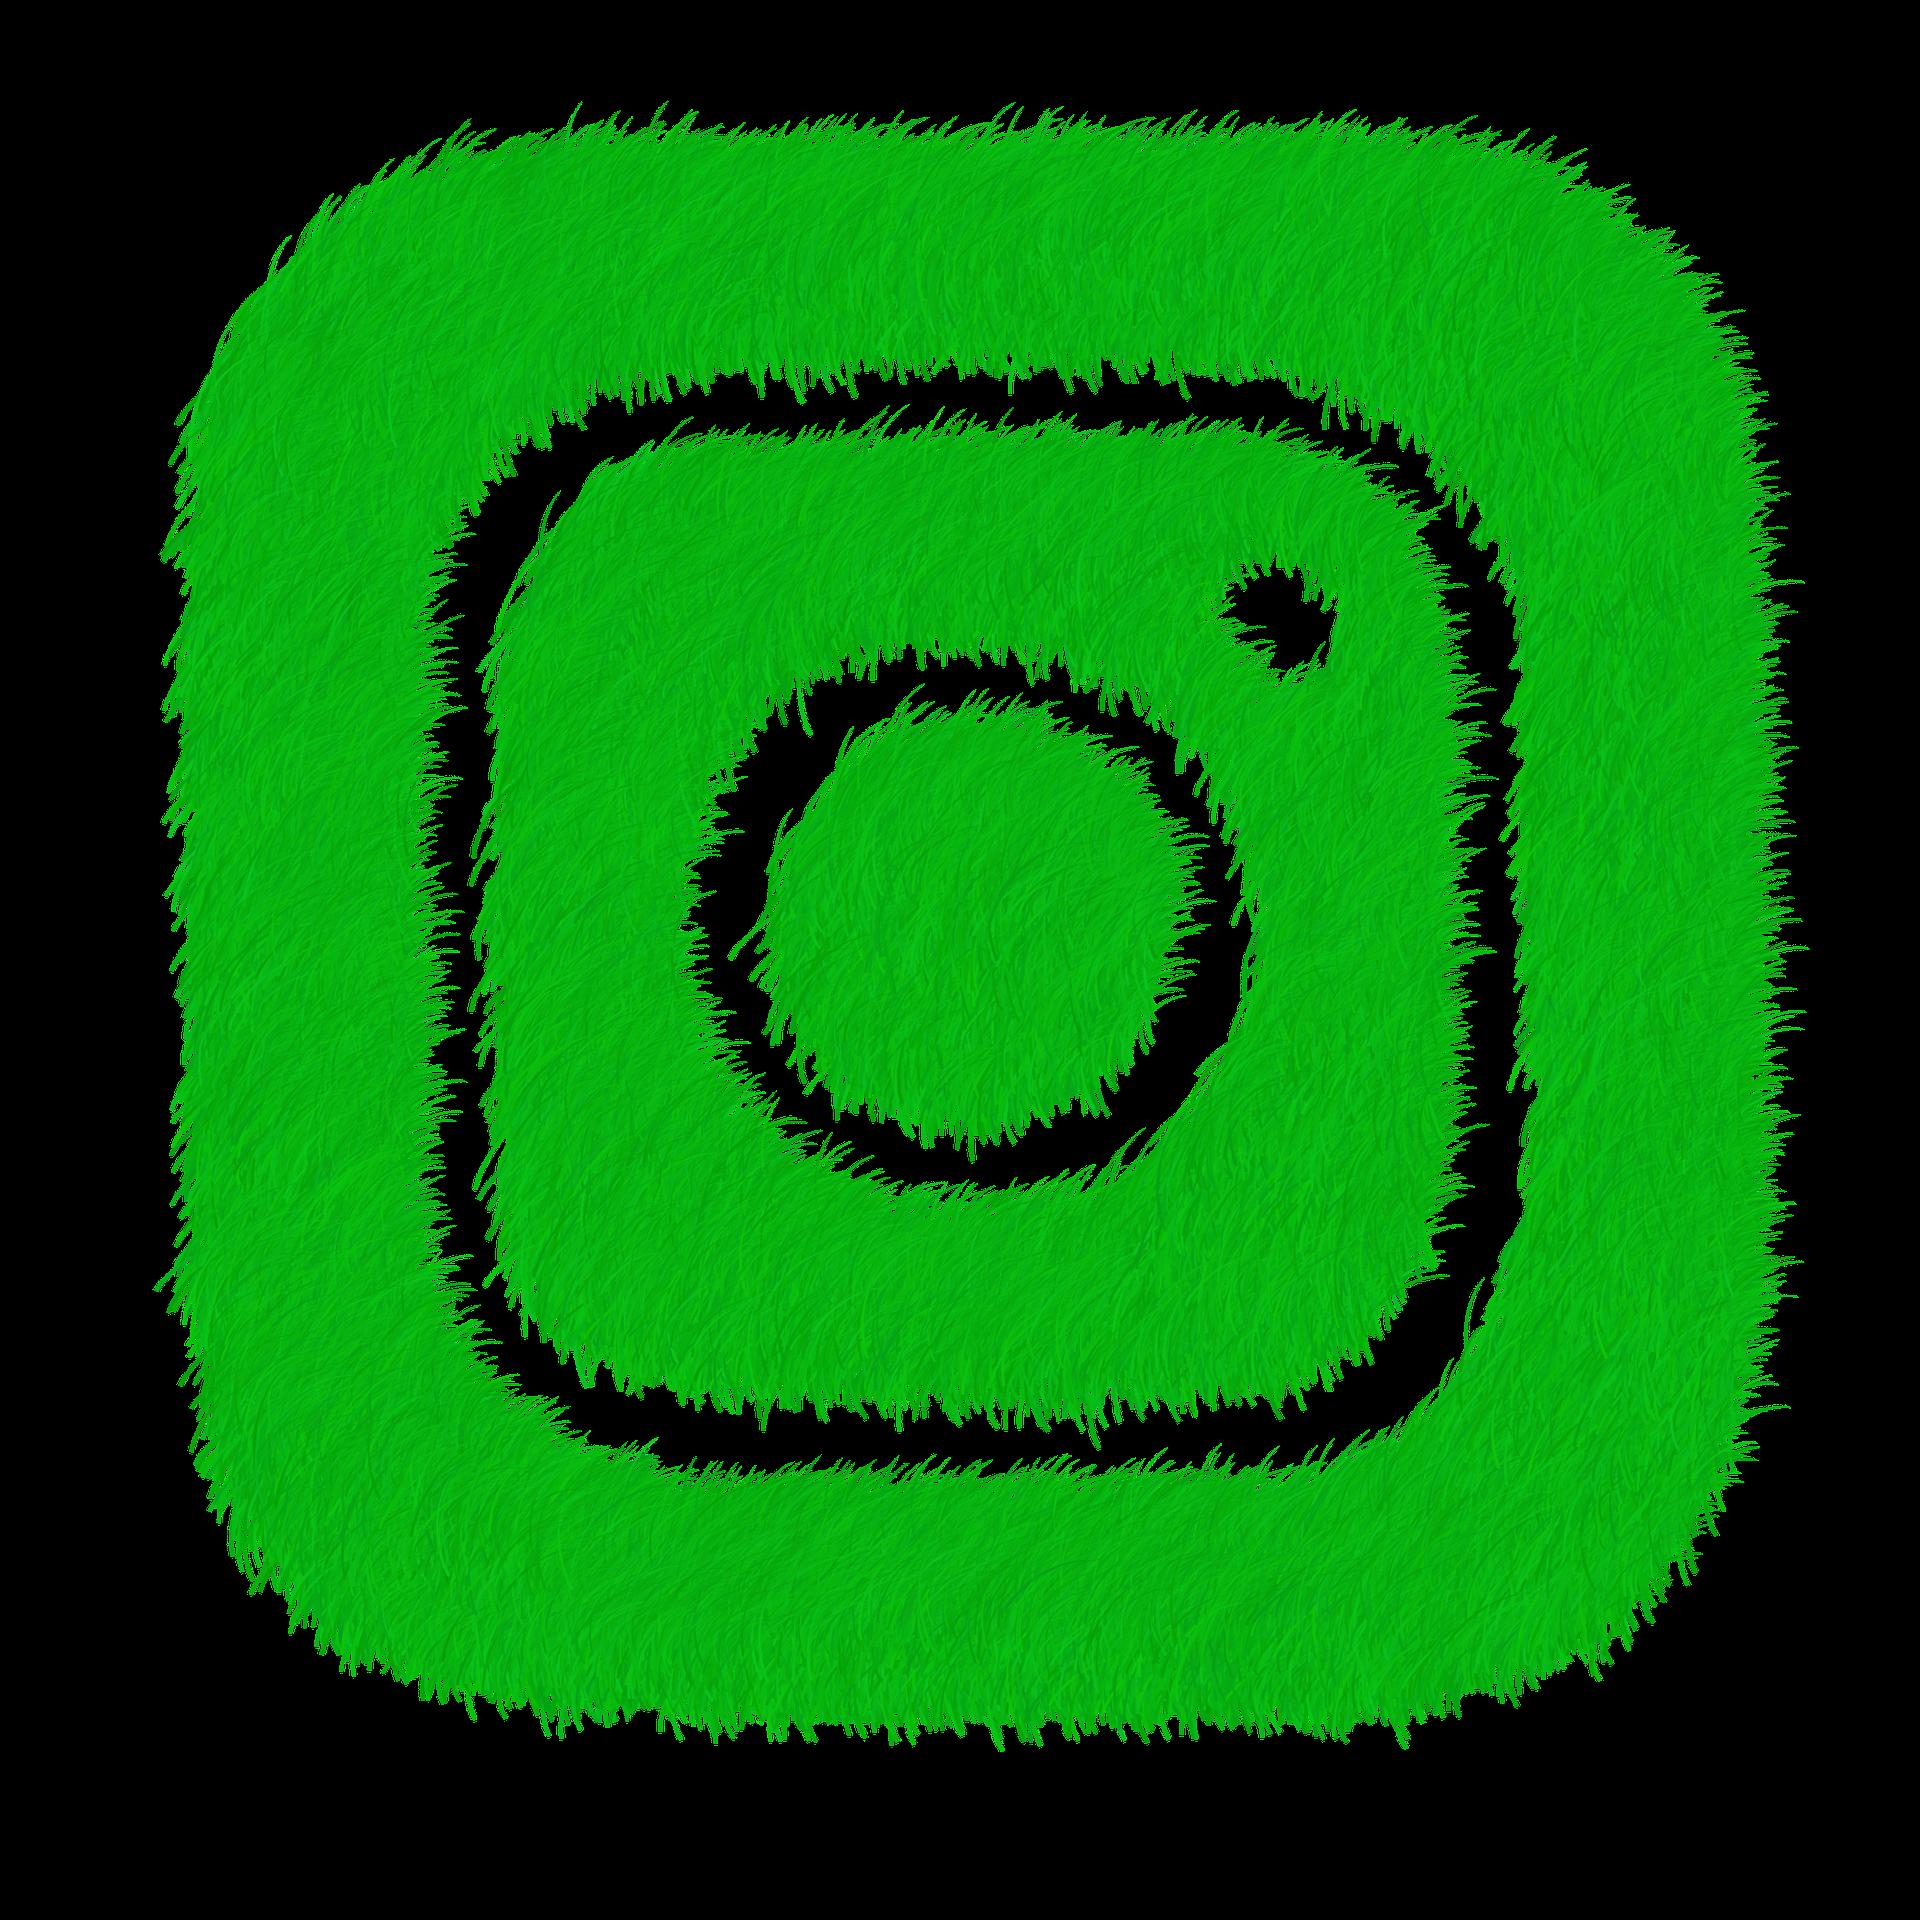 que significa el punto verde en Instagram